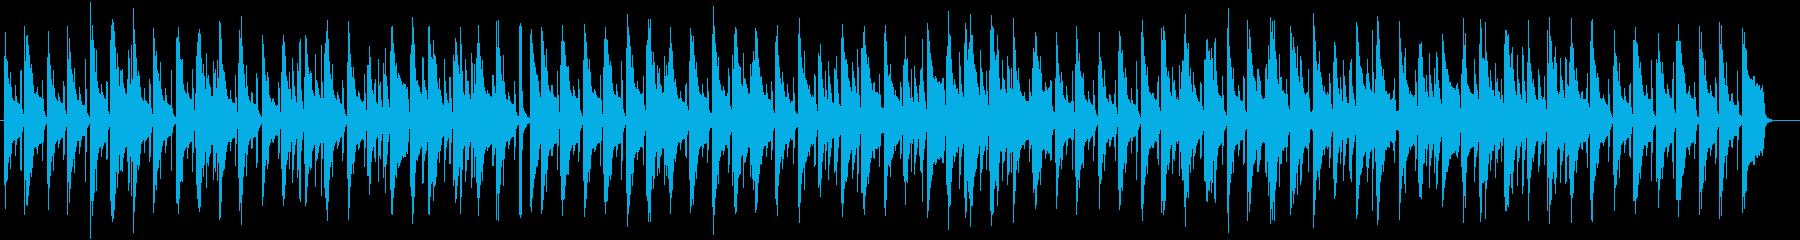 かわいいスローテンポのピアノ楽曲の再生済みの波形